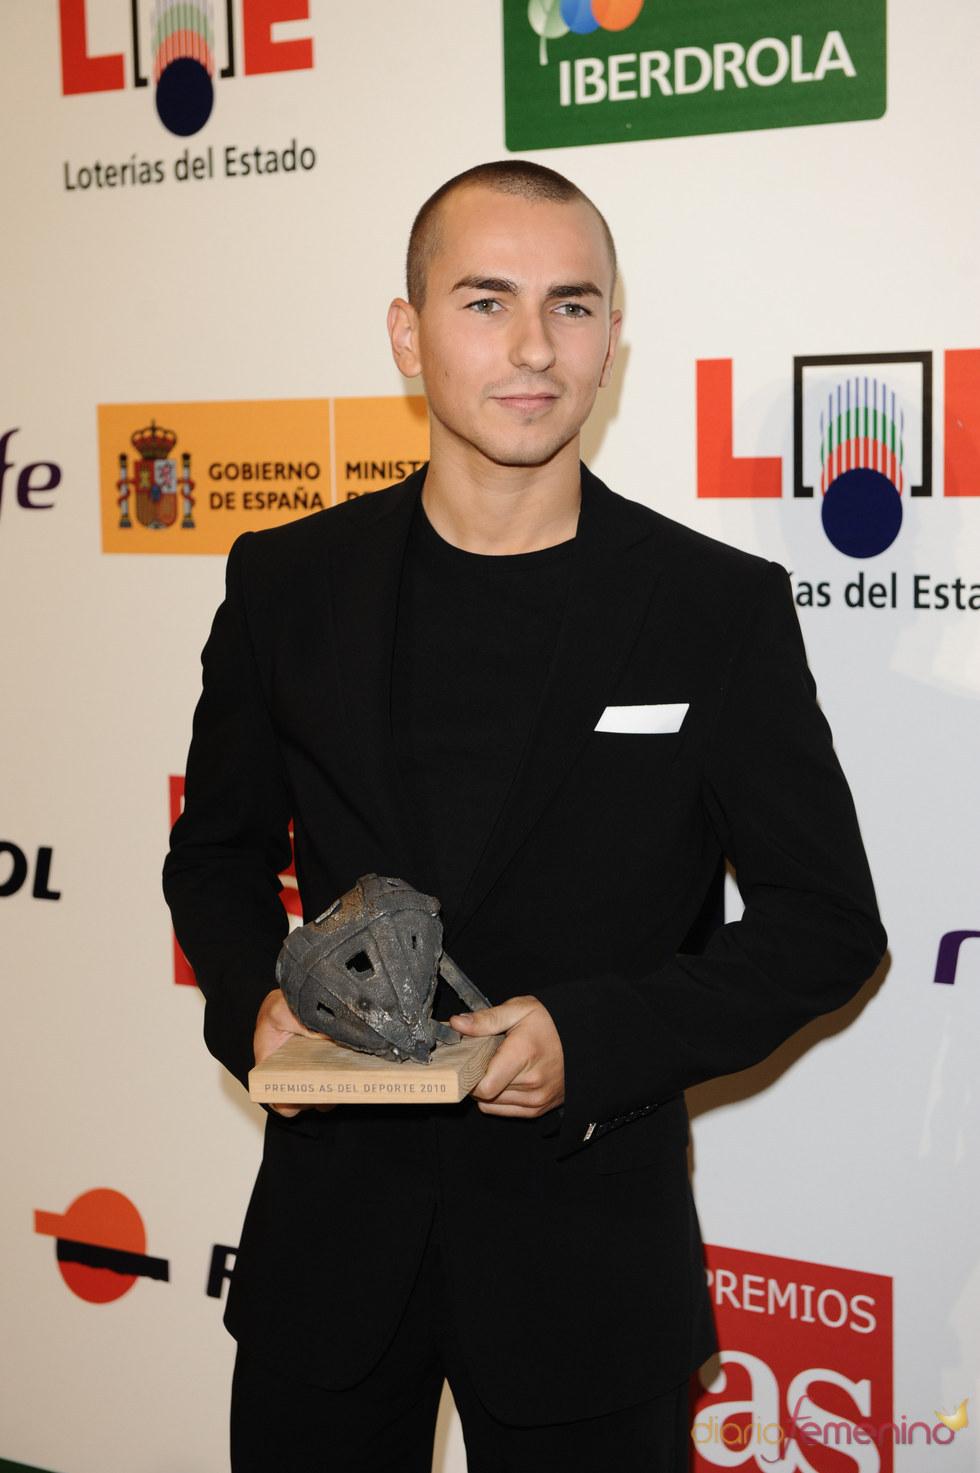 Jorge Lorenzo en los Premios As del Deporte 2010